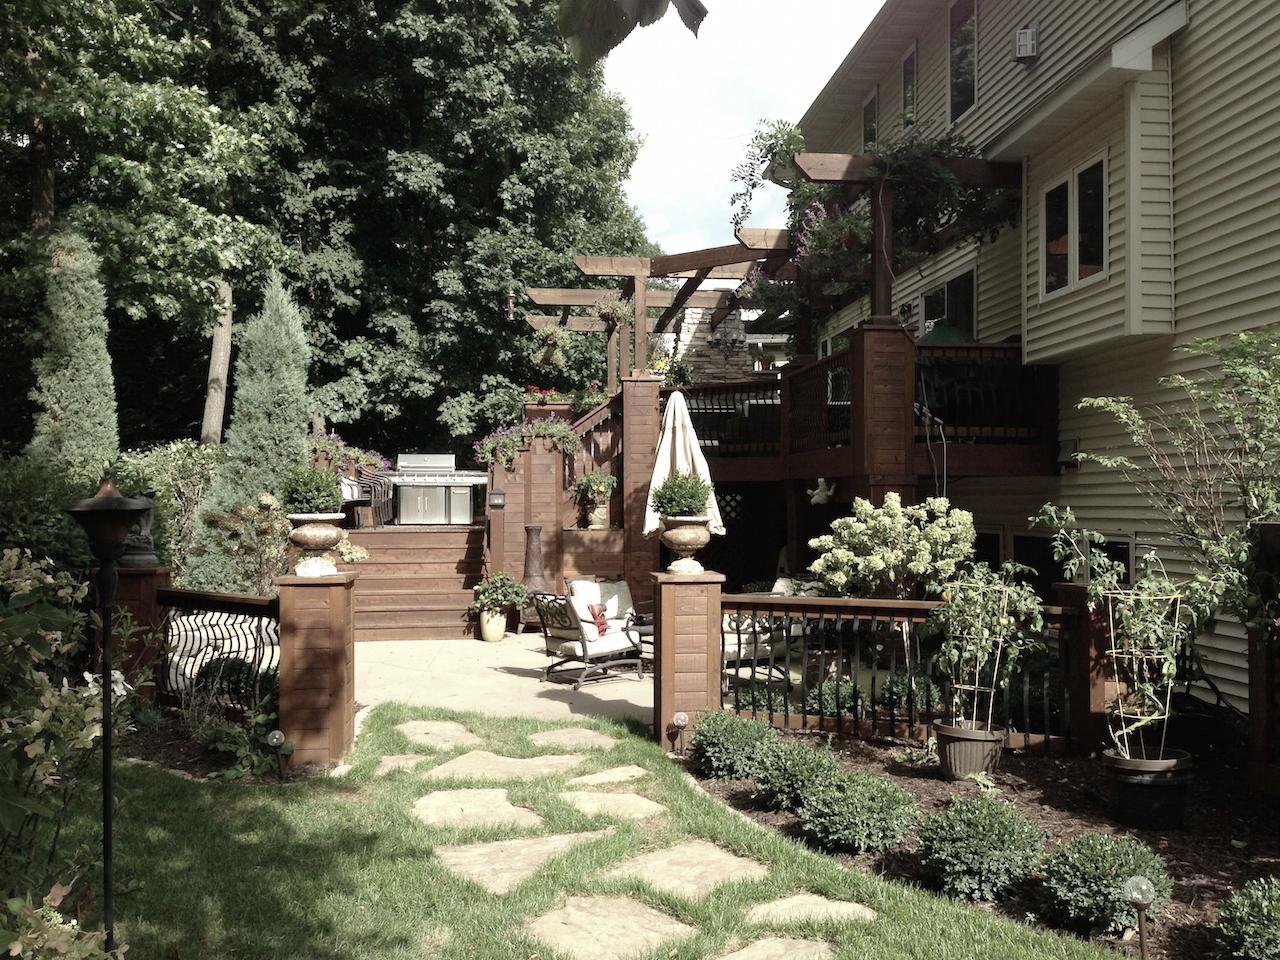 Mom's Design Build - Backyard Landscape Fence Irregular natural stone